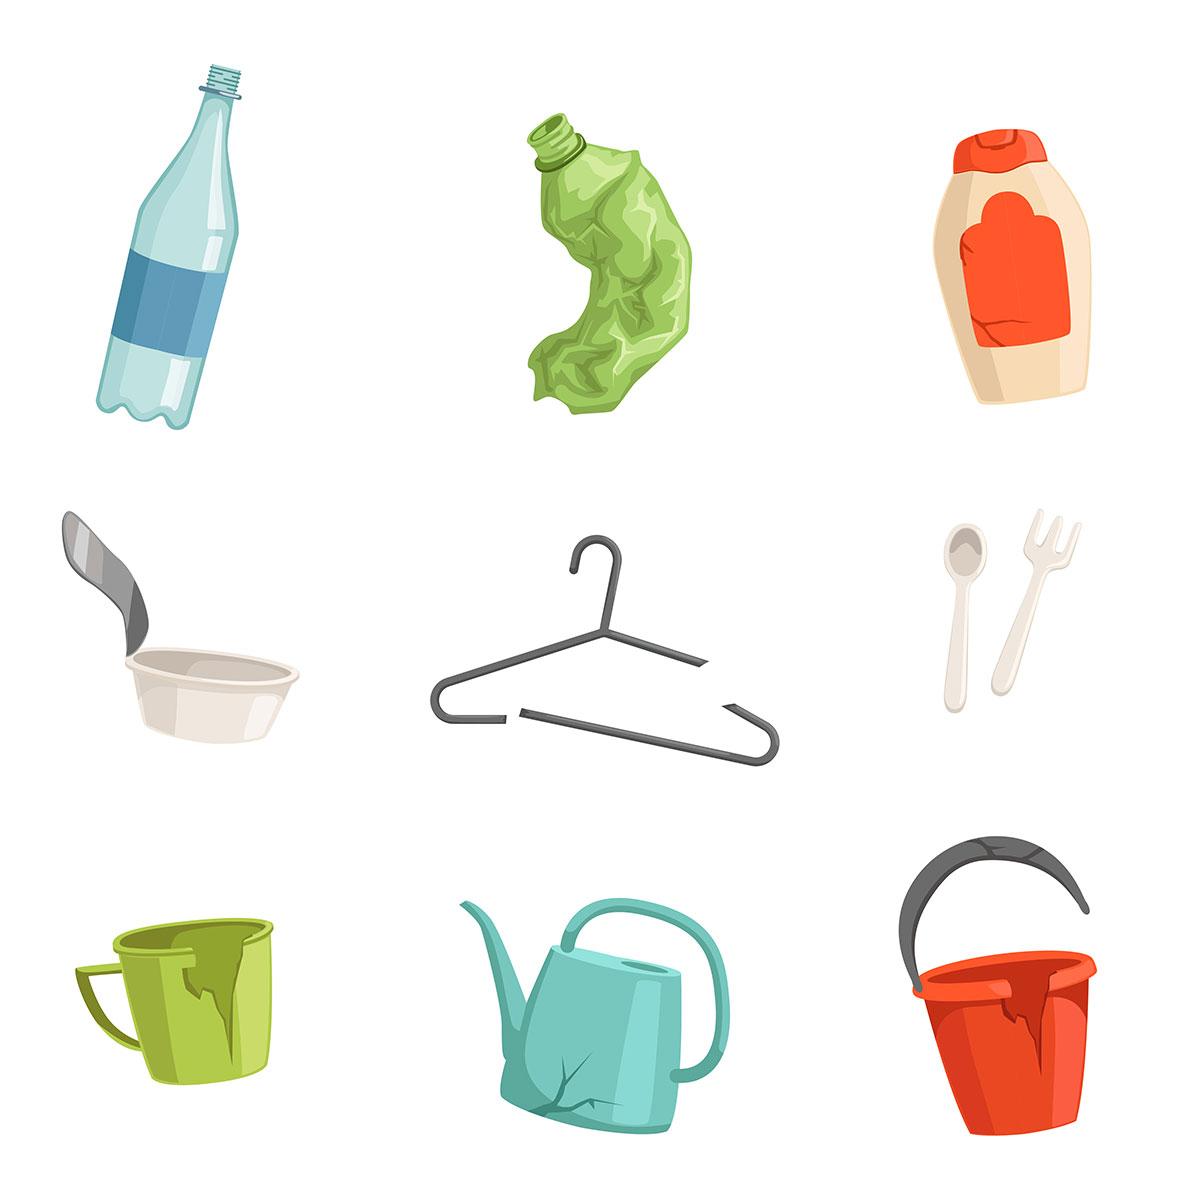 マイクロプラスチックのもとになるプラスチックの種類